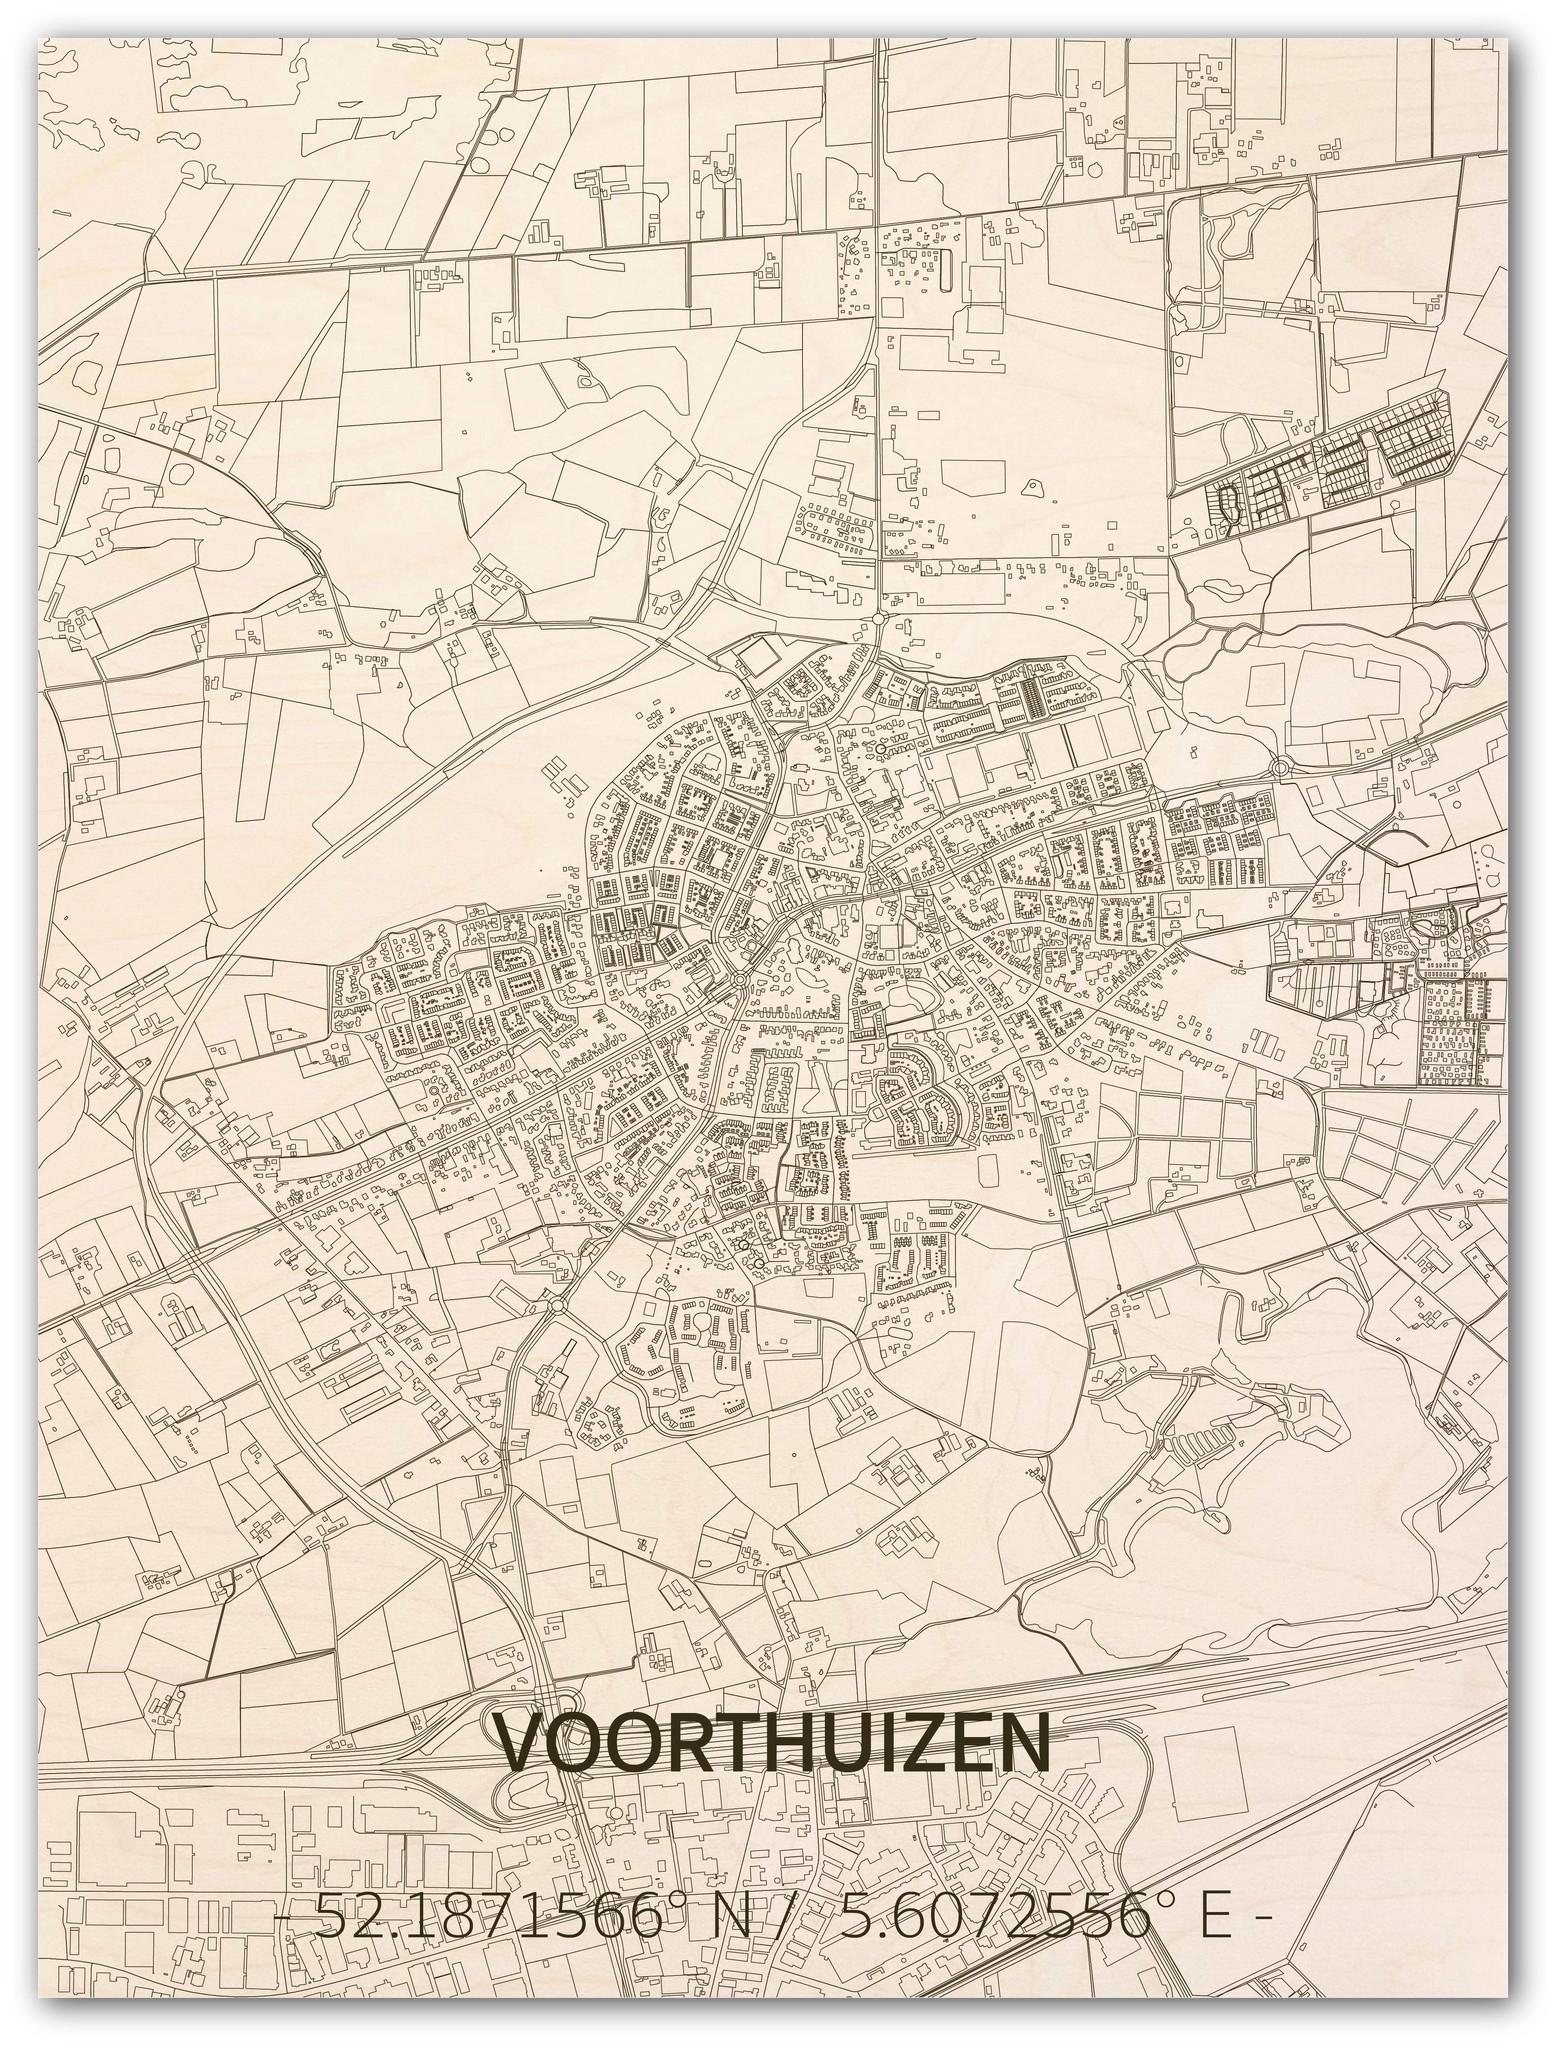 Stadtplan Voorthuizen | Wanddekoration Holz-1